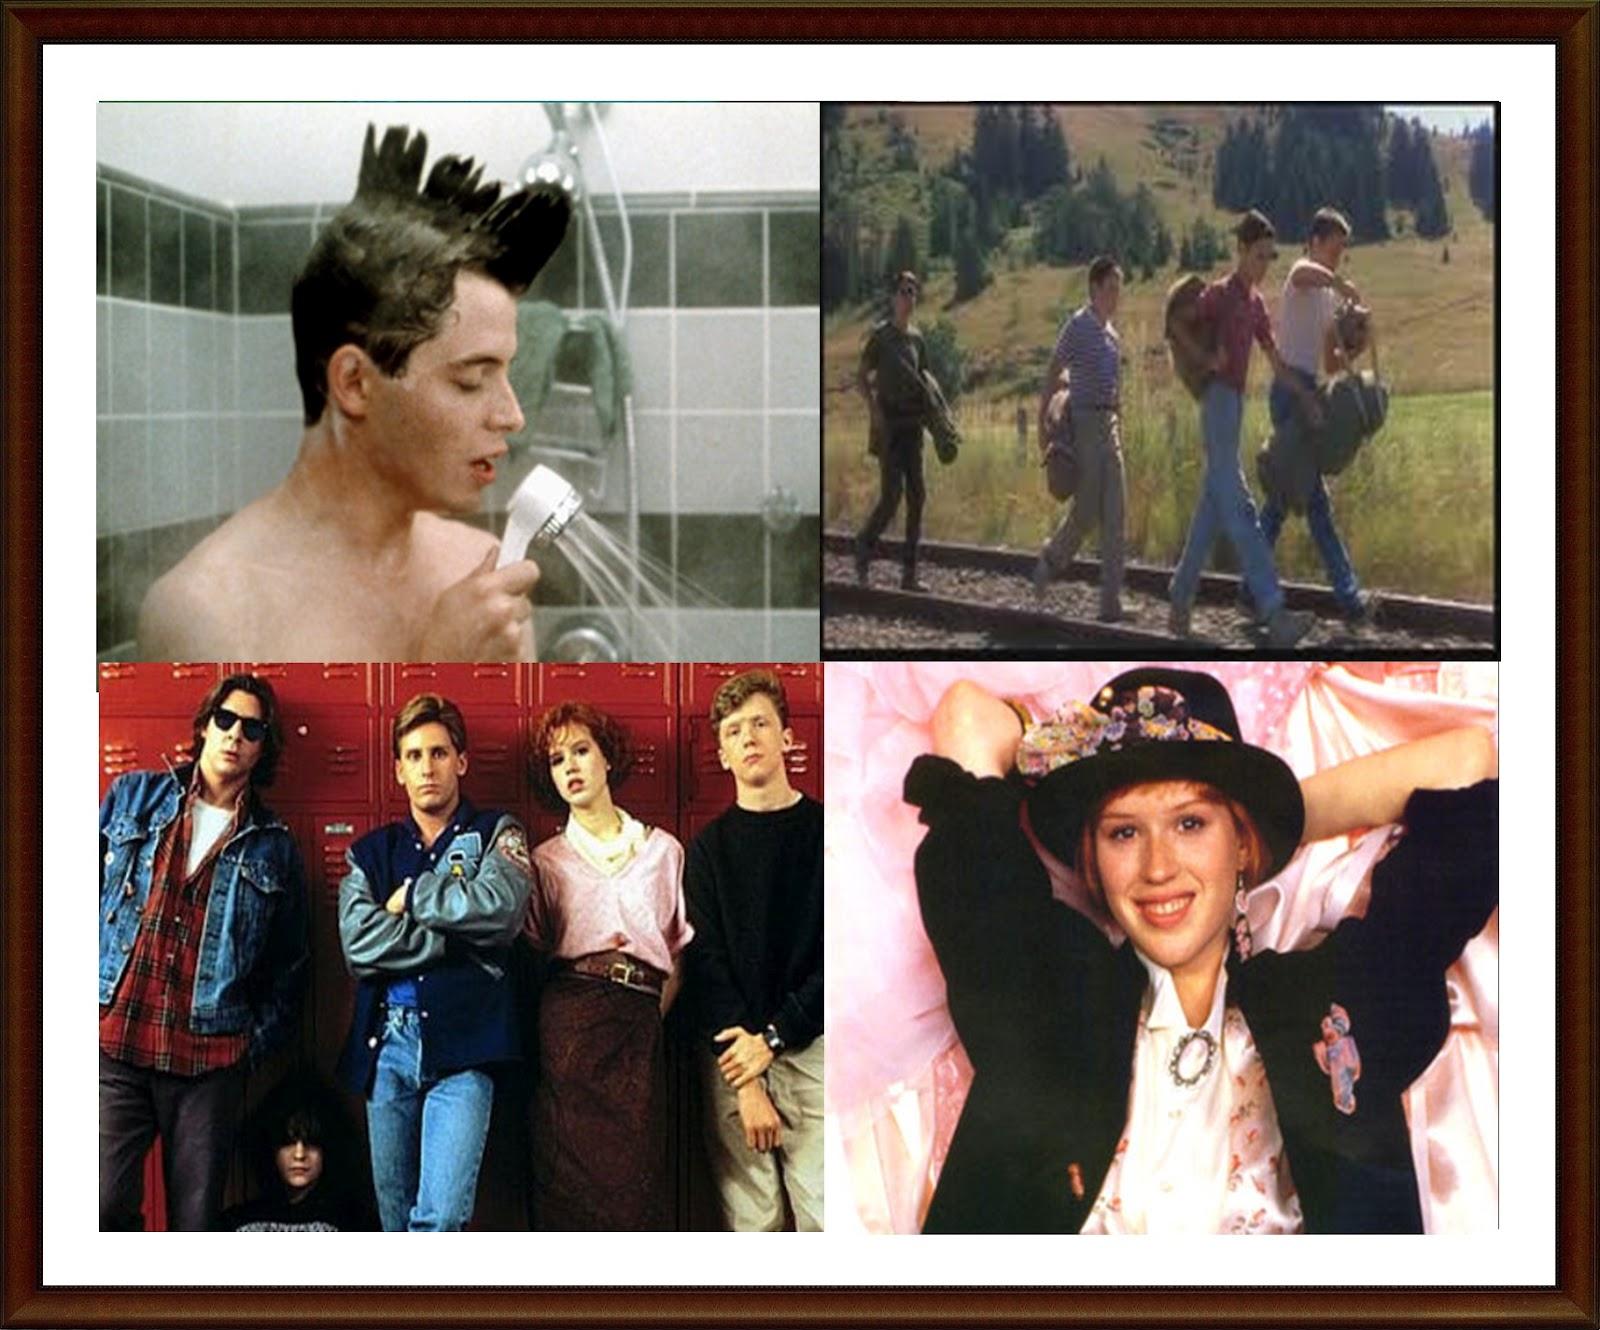 Filmes De Comedia Dos Anos 80 for cinema 4x4: 4x4 filmes teens anos 80